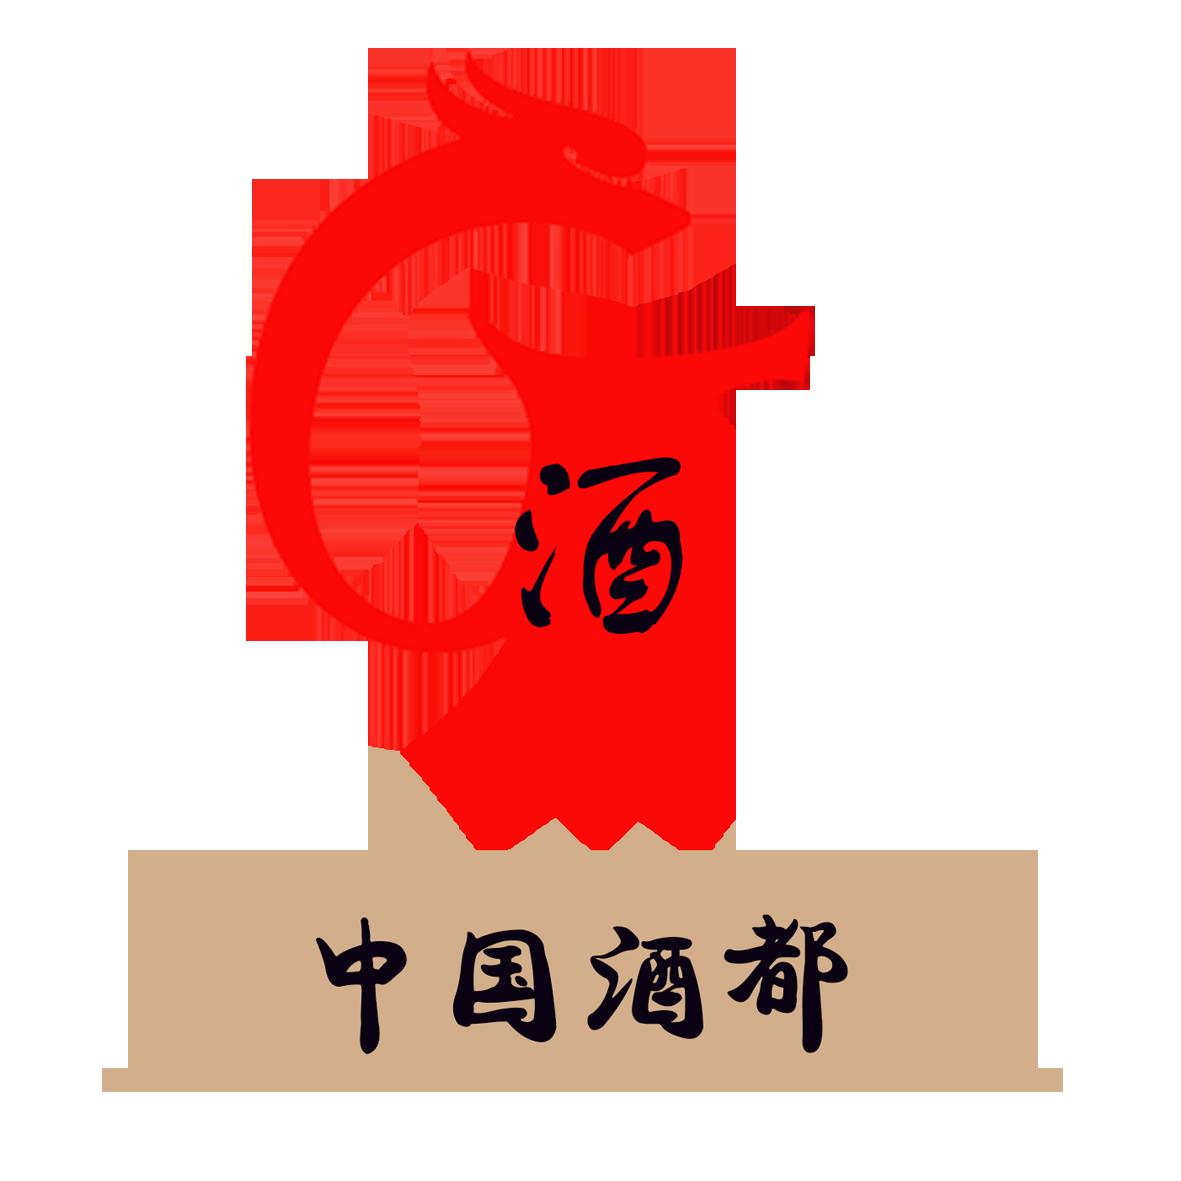 贵州茅台镇千速酒庄